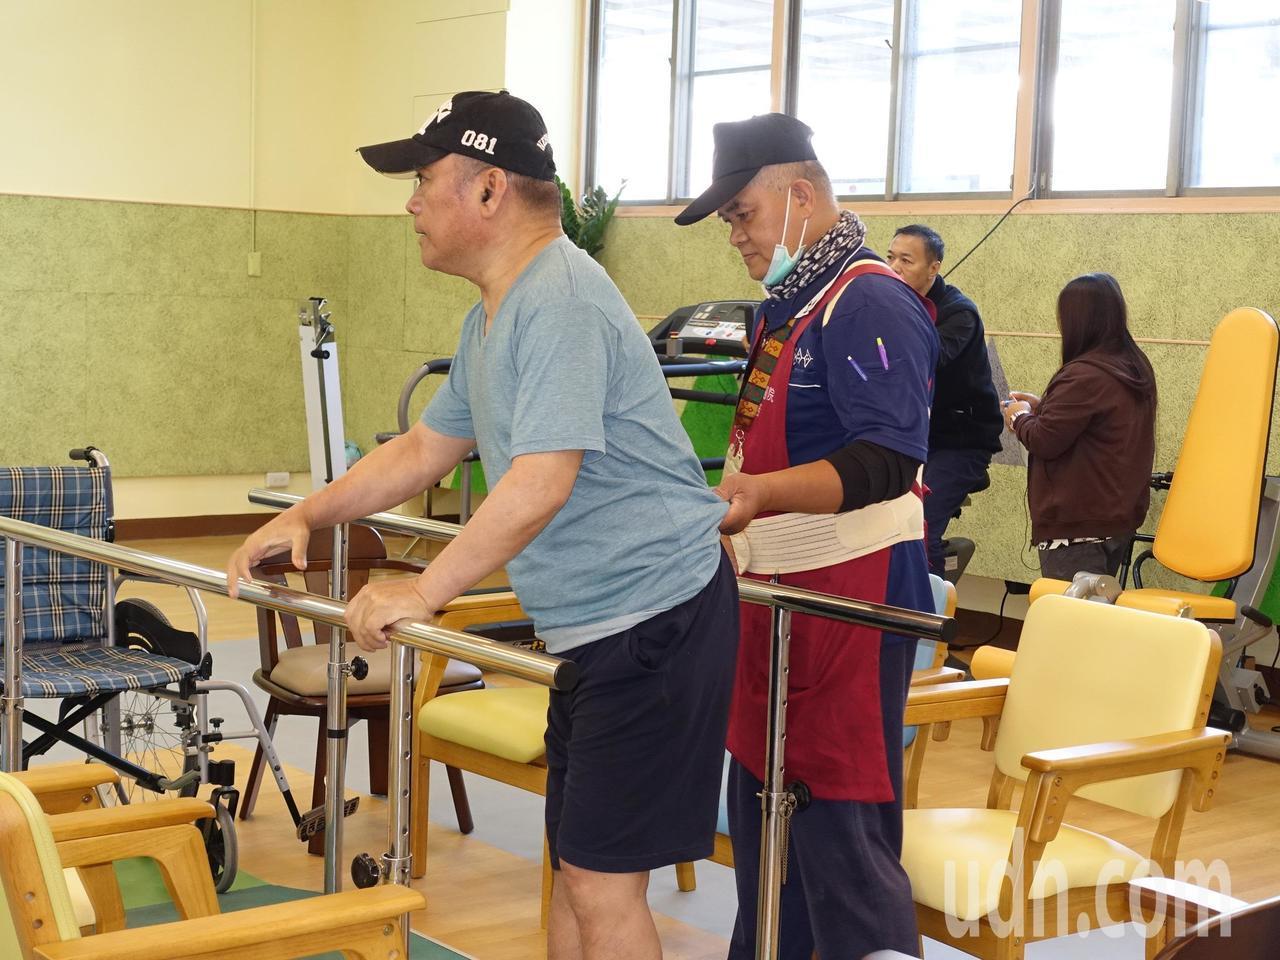 機能中心現場設有許多適合復建的設施,方便老人家在此訓練肌力。記者翁禎霞/攝影